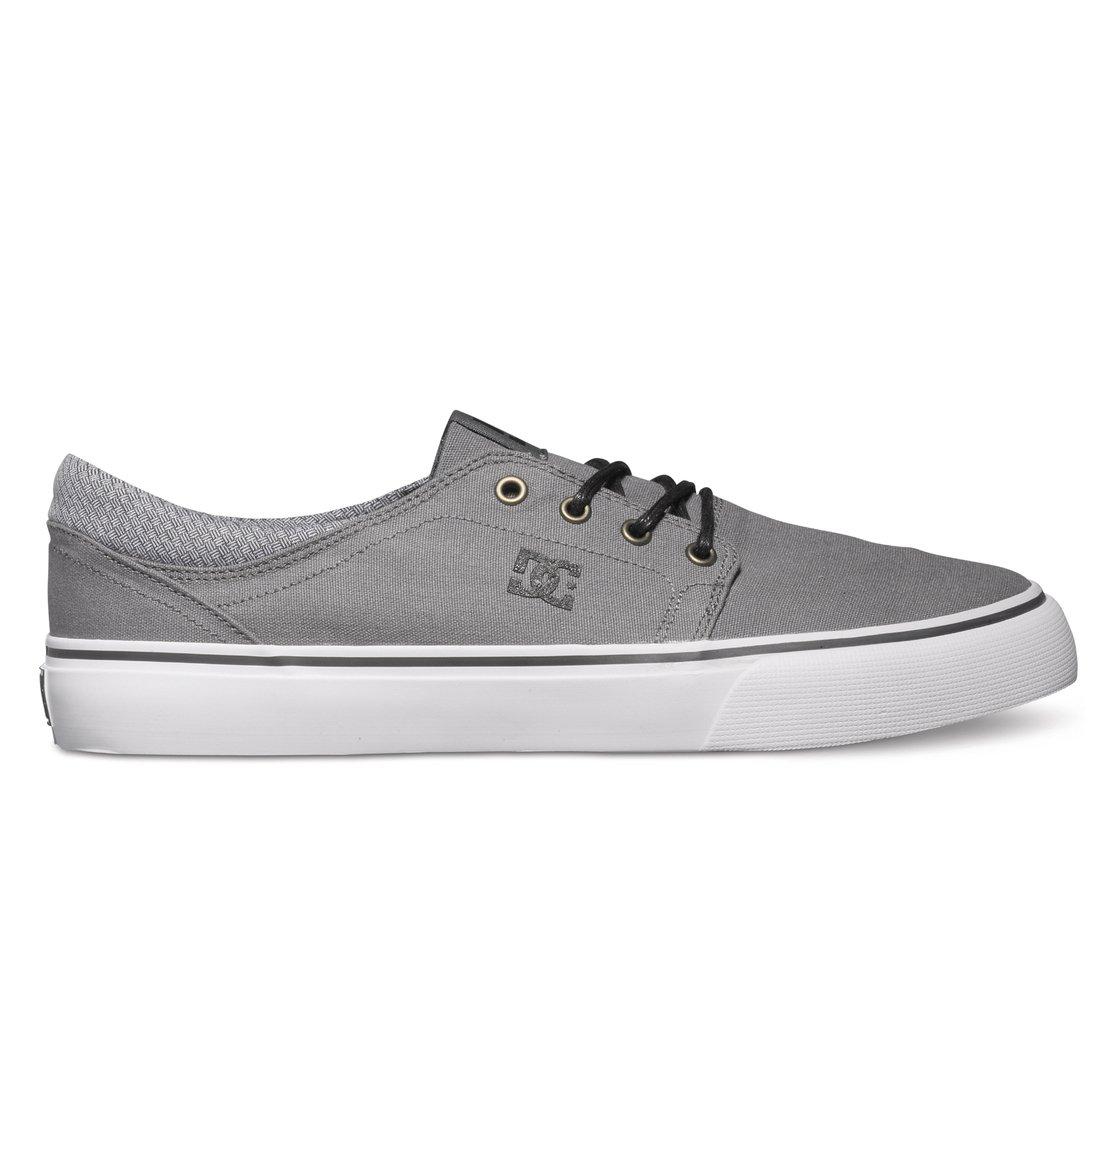 Trase TX SE - Dcshoes������ ������� ���� Trase TX SE �� DC Shoes. <br>��������������: ����� � ���������, ������������� ������� ������, �������-������ DC �� �����, ������� ���������� ����� �� �������� ���� �������, ����������� ����, HD-�������, ��������� ��� �������� � ������������� ����������, ����������������� �����������, ������������� ���������� �������, ��������� ������� ���������� ������� DC Pill Pattern. <br>������: ����: �������� / ���������: �������� / �������: ������.<br>